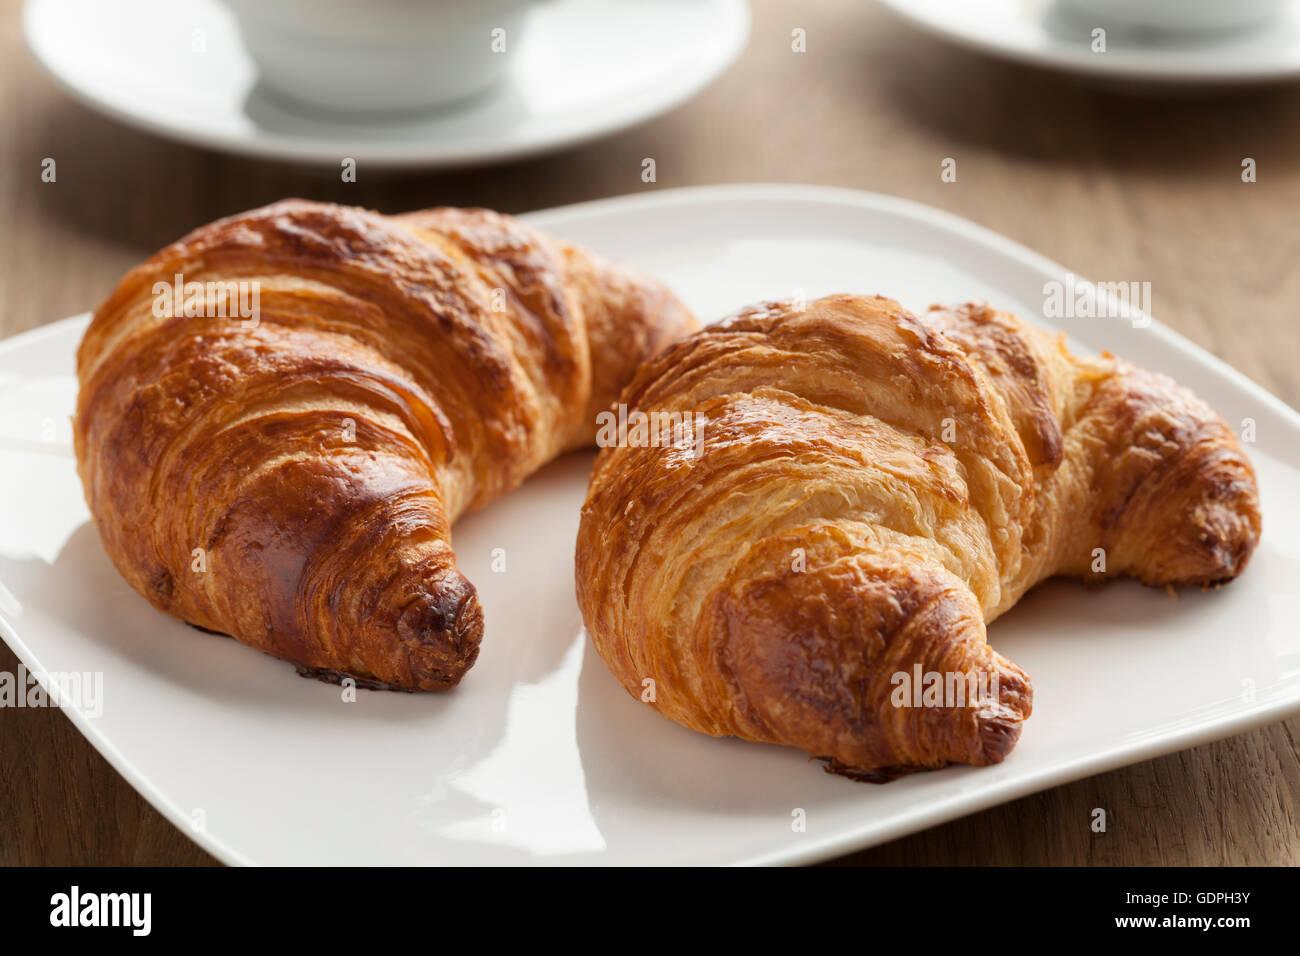 Piatto con freschi di forno croissant francese per la prima colazione Immagini Stock